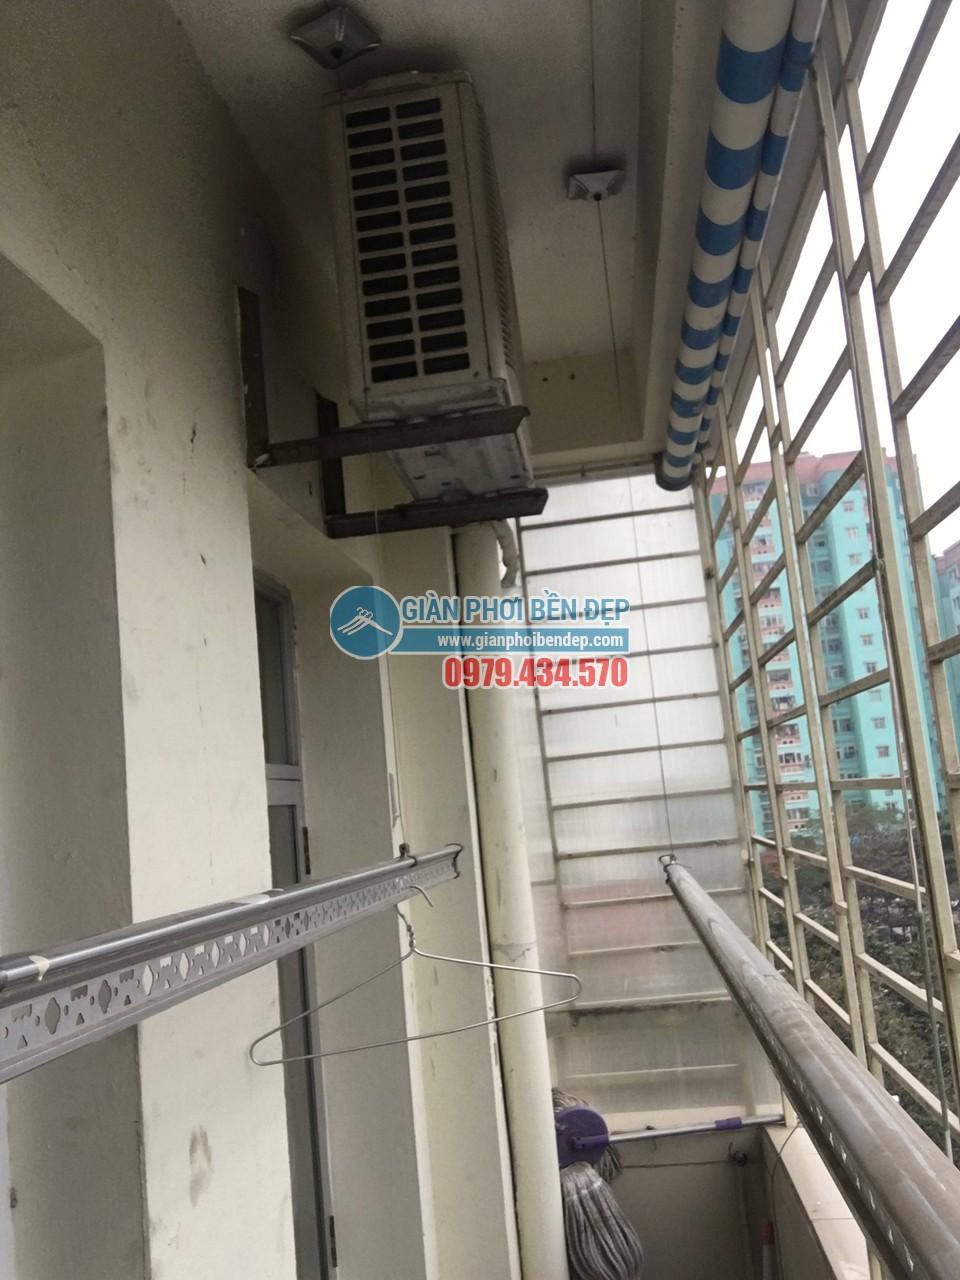 Sửa giàn phơi thông minh nhà cô Tâm bị đứt dây cáp, tòa CT3A Trung Hòa - 04